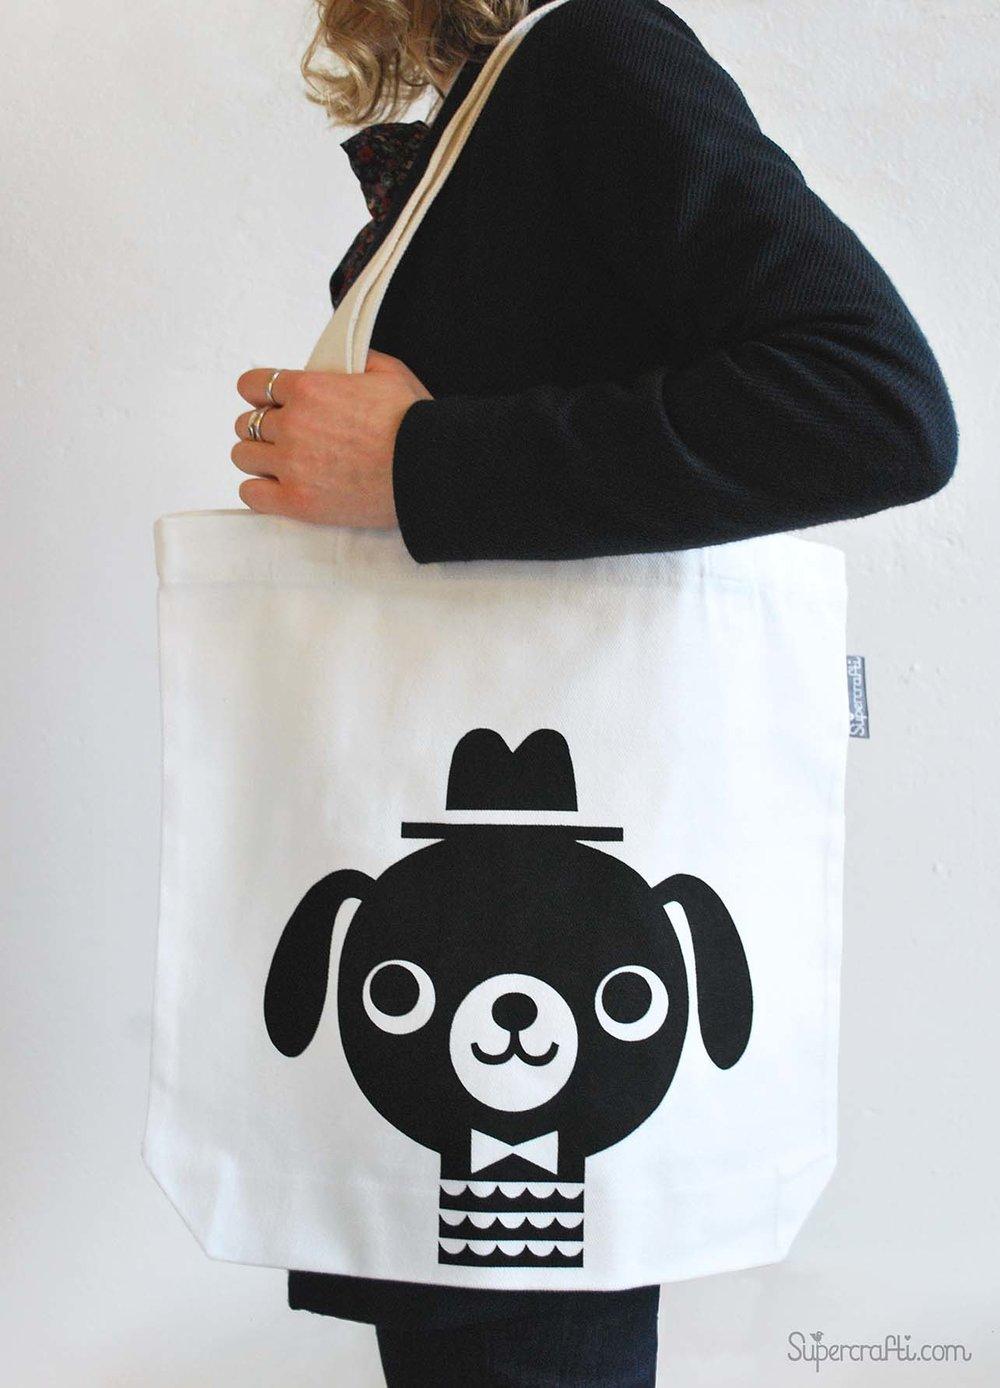 doggy bag and me.jpg